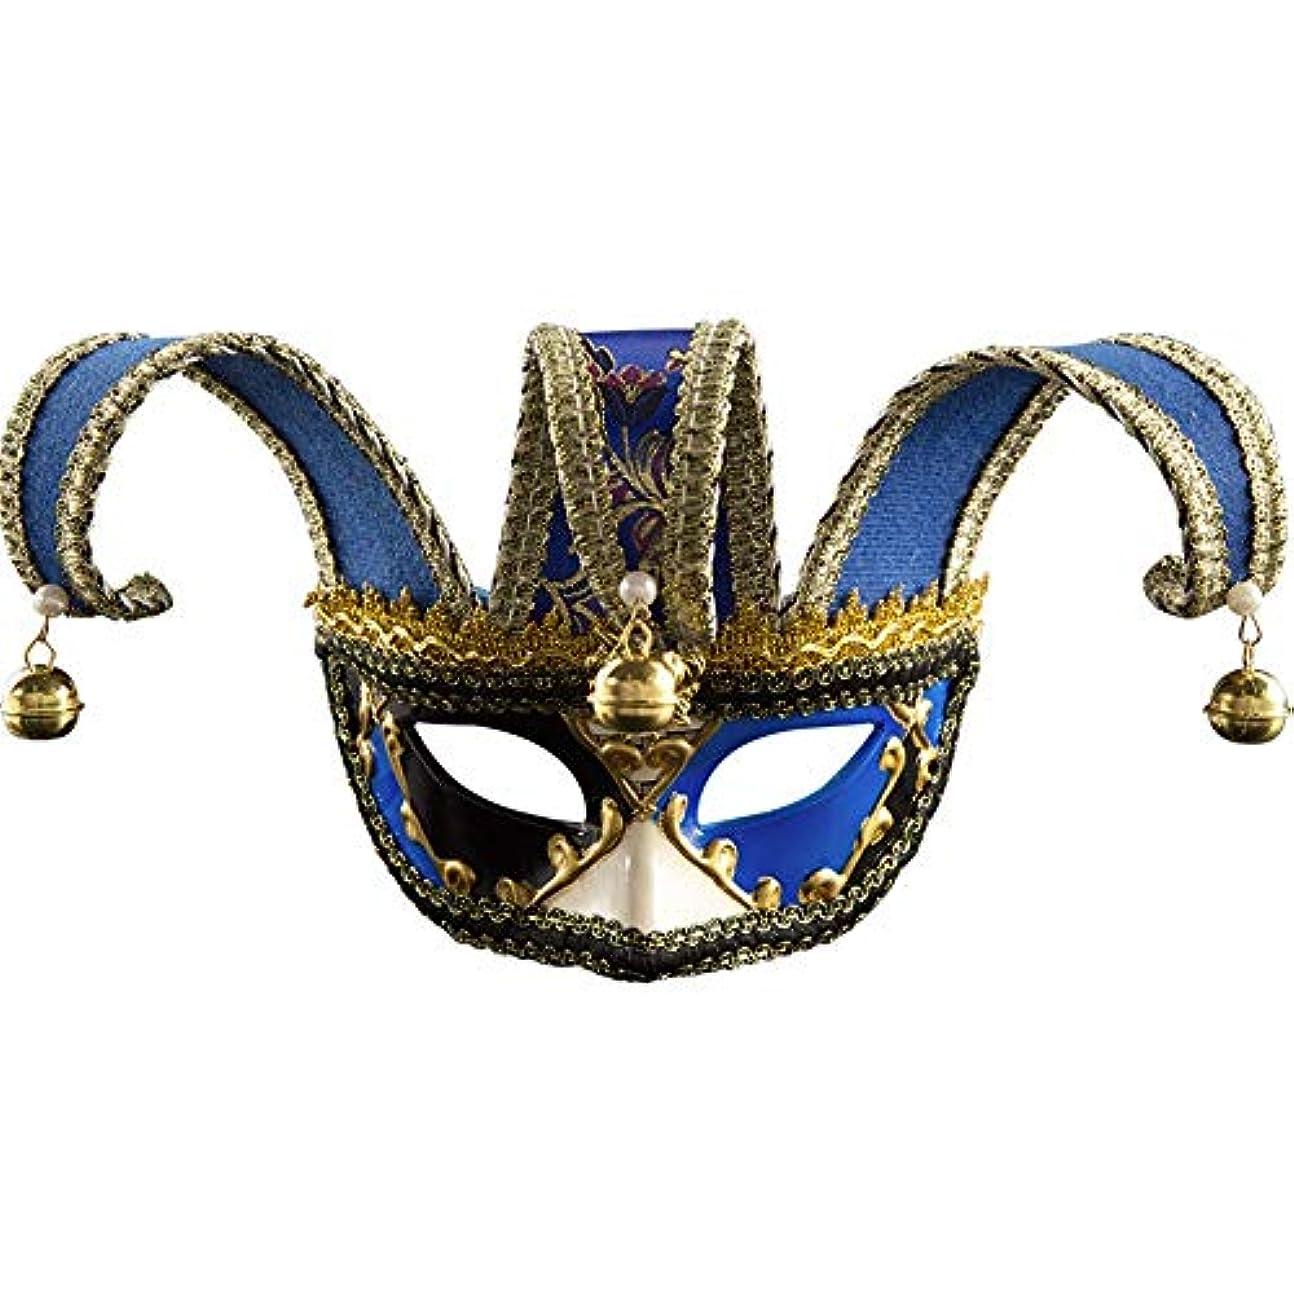 スカウトダンプエピソードダンスマスク ナイトクラブ音楽カーニバルマスク雰囲気クリスマスフェスティバルプラスチックマスクイブニングパーティーボール ホリデーパーティー用品 (色 : 青, サイズ : 16.5x29cm)